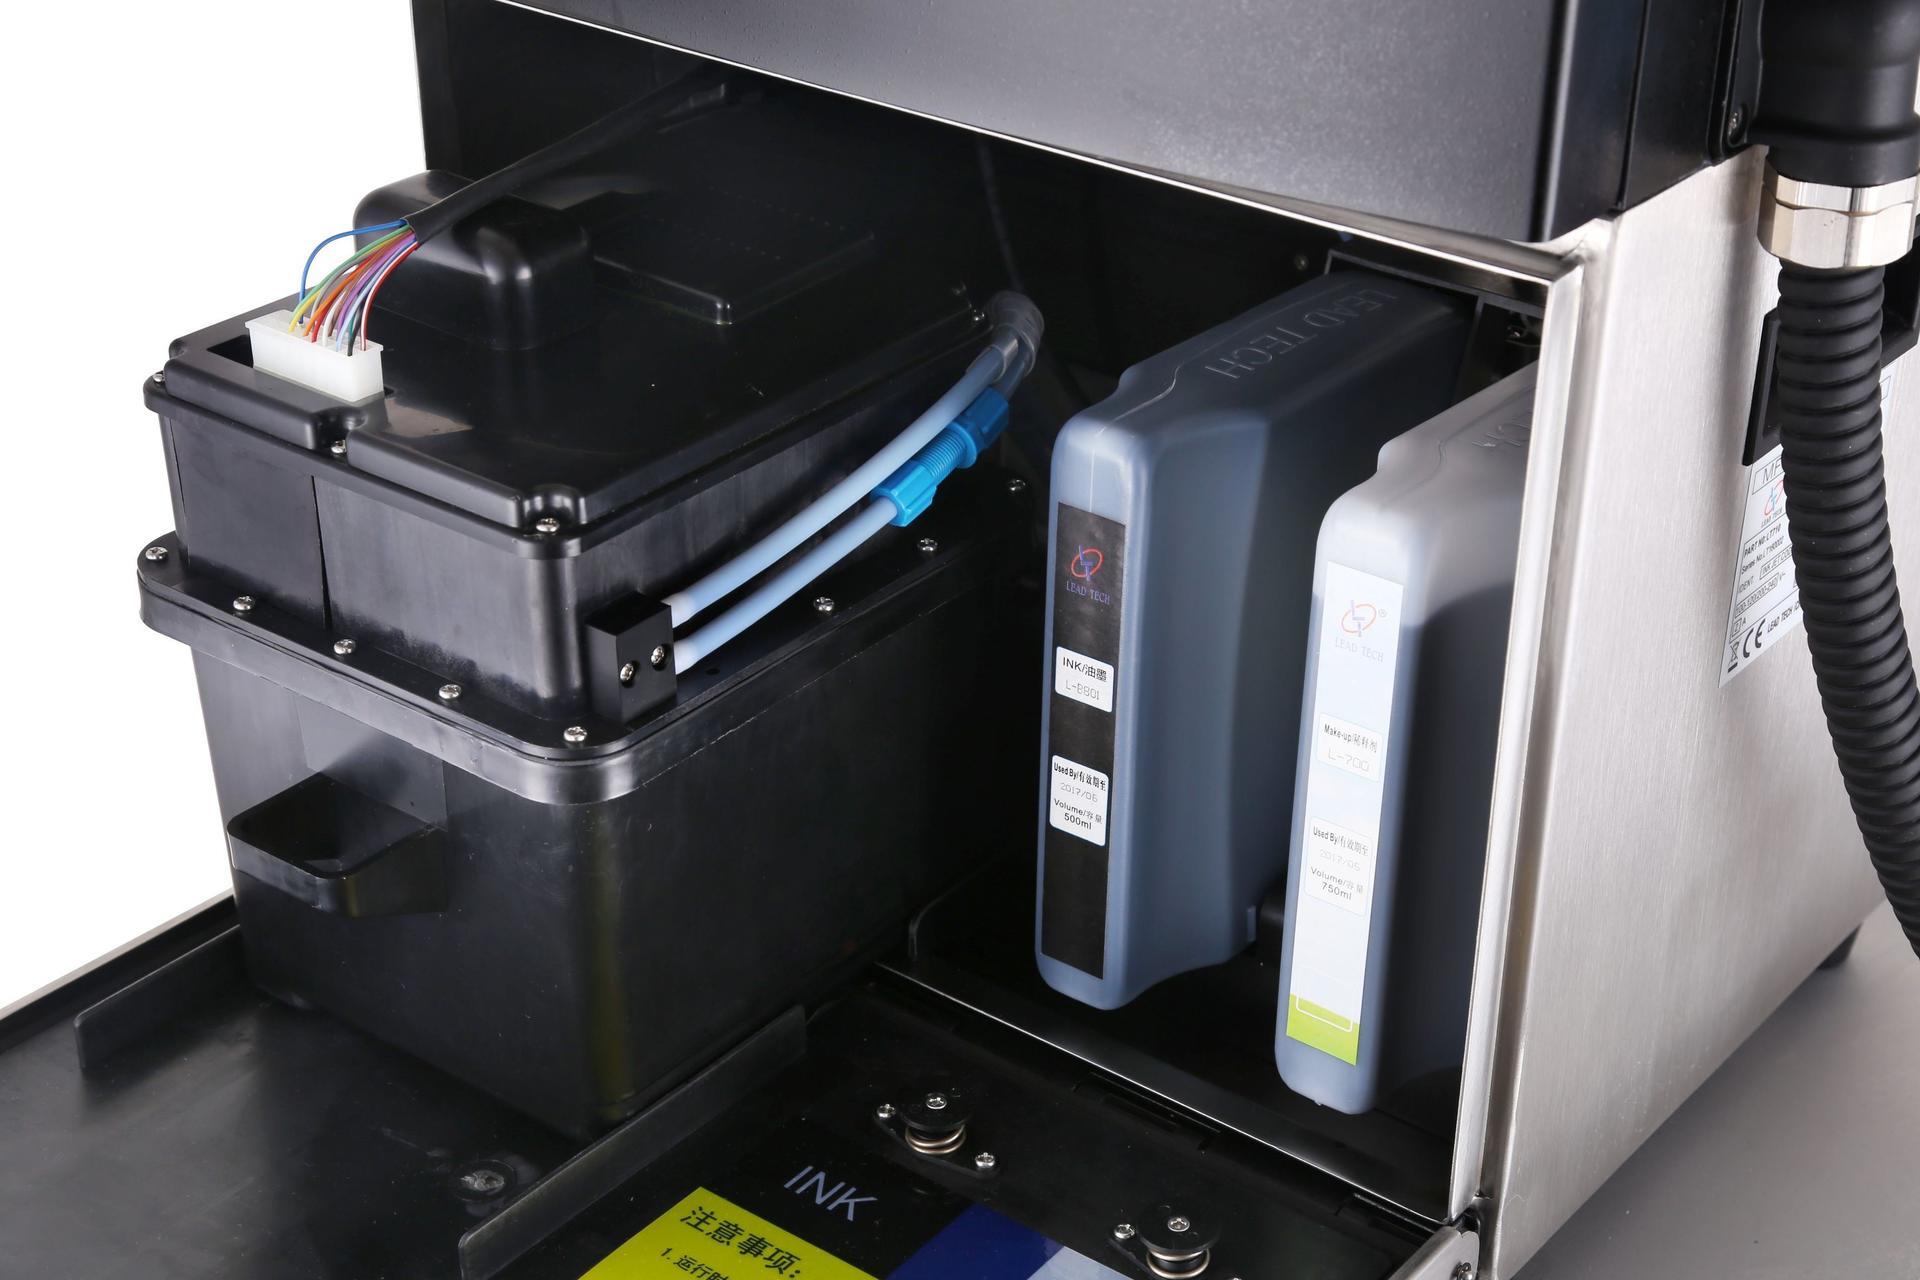 Lead Tech Lt760 Pet Bottle Printing Inkjet Printer